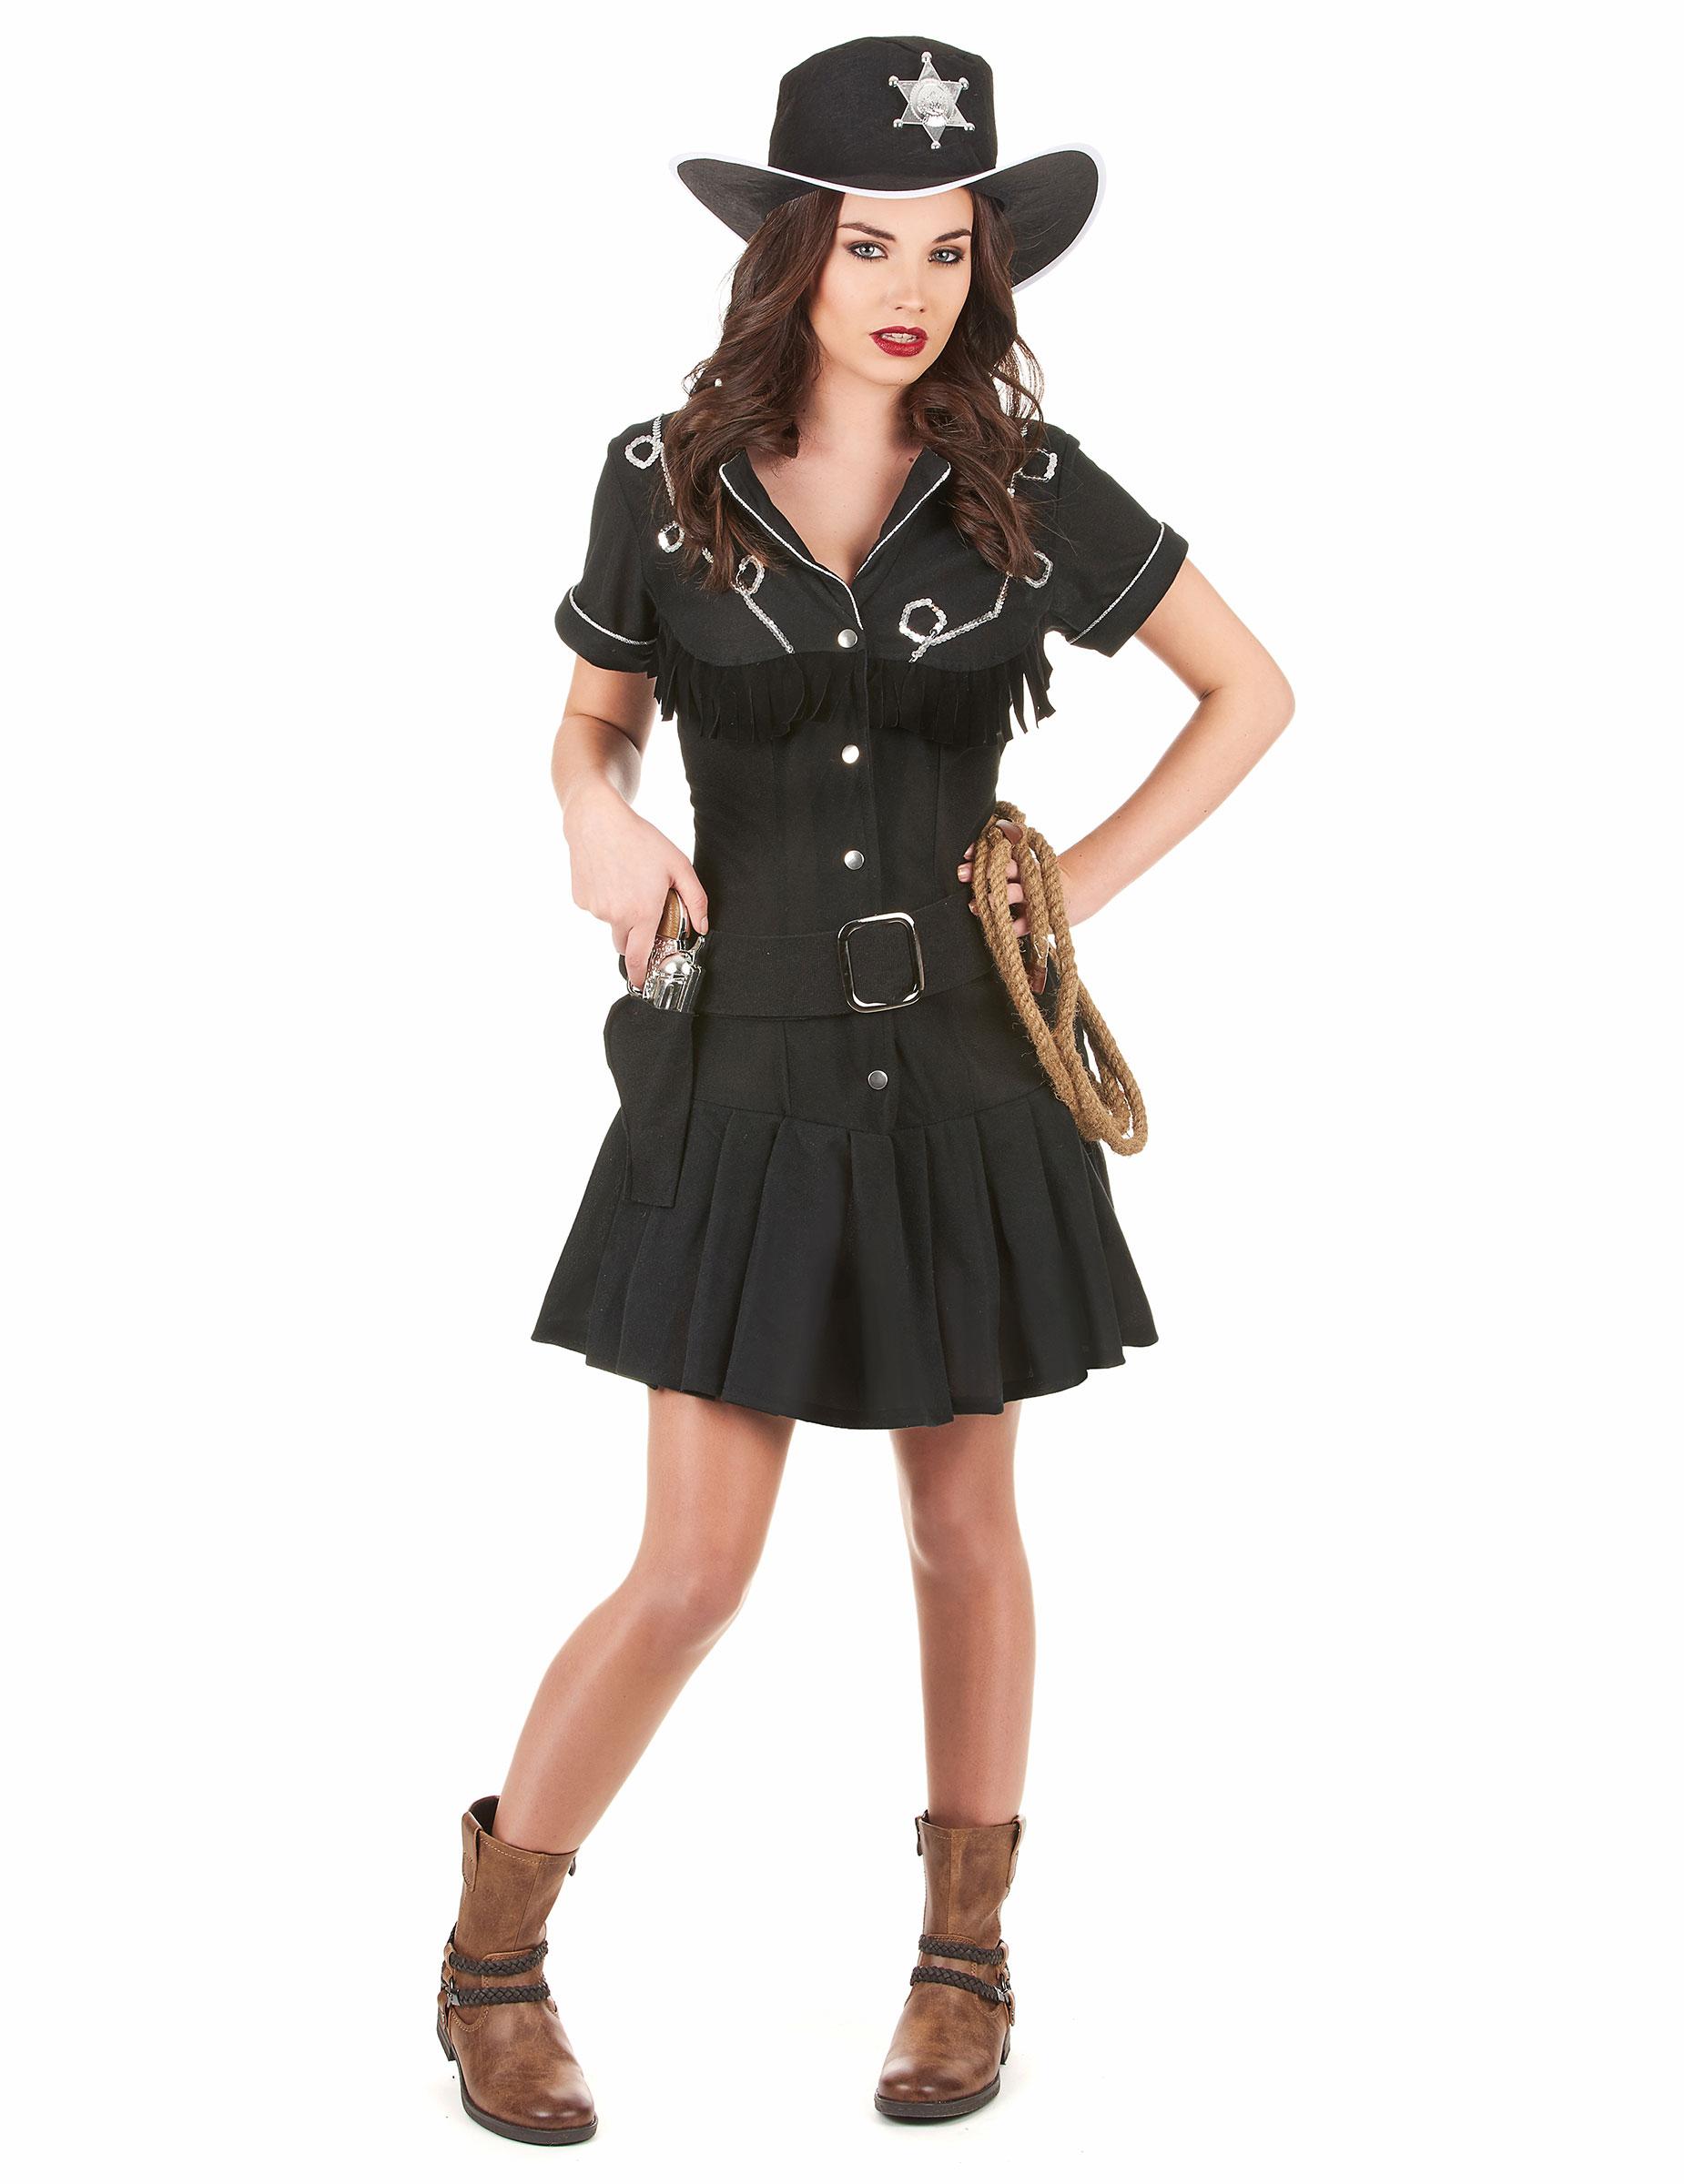 Décoration Et Noire Cow Girl Anniversaire Robe Femme Déguisement XS1wOF